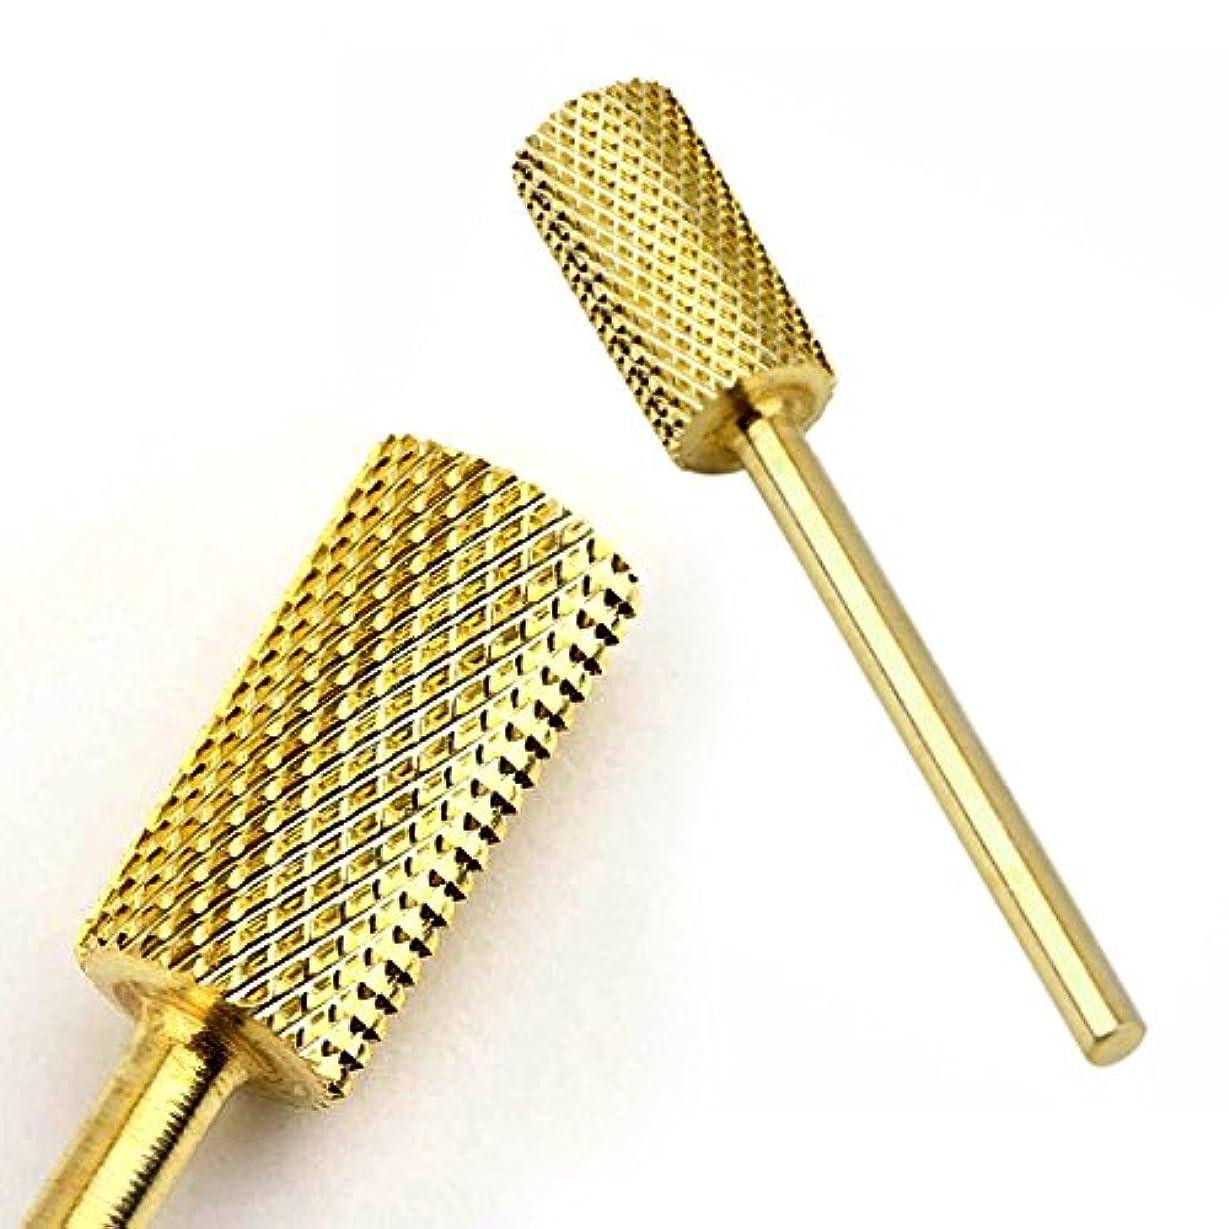 人質シール手のひらネイルマシーン用ビット ゴールドカラービット アクリルや厚いハードジェルのオフ除去に最適 ゴールドカラーの付け替えアタッチメント ネイルマシン用 ジェルネイルオフ